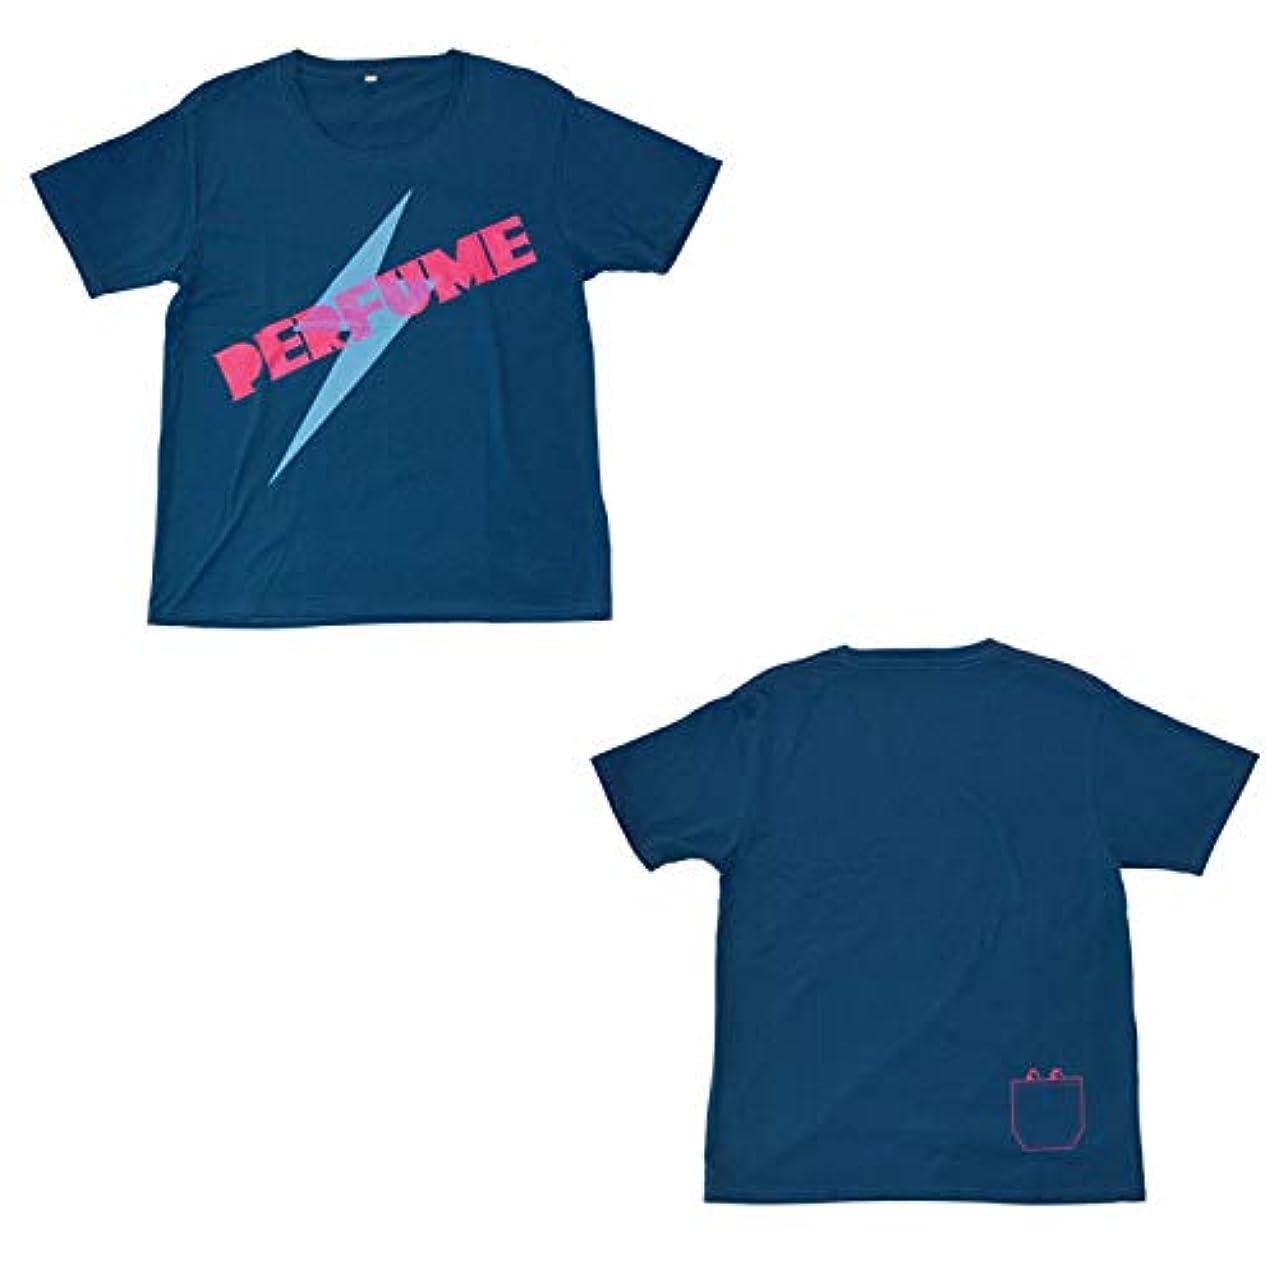 ストライク引用ドローPerfume(パフューム) イナズマTシャツ Lサイズ 2010年